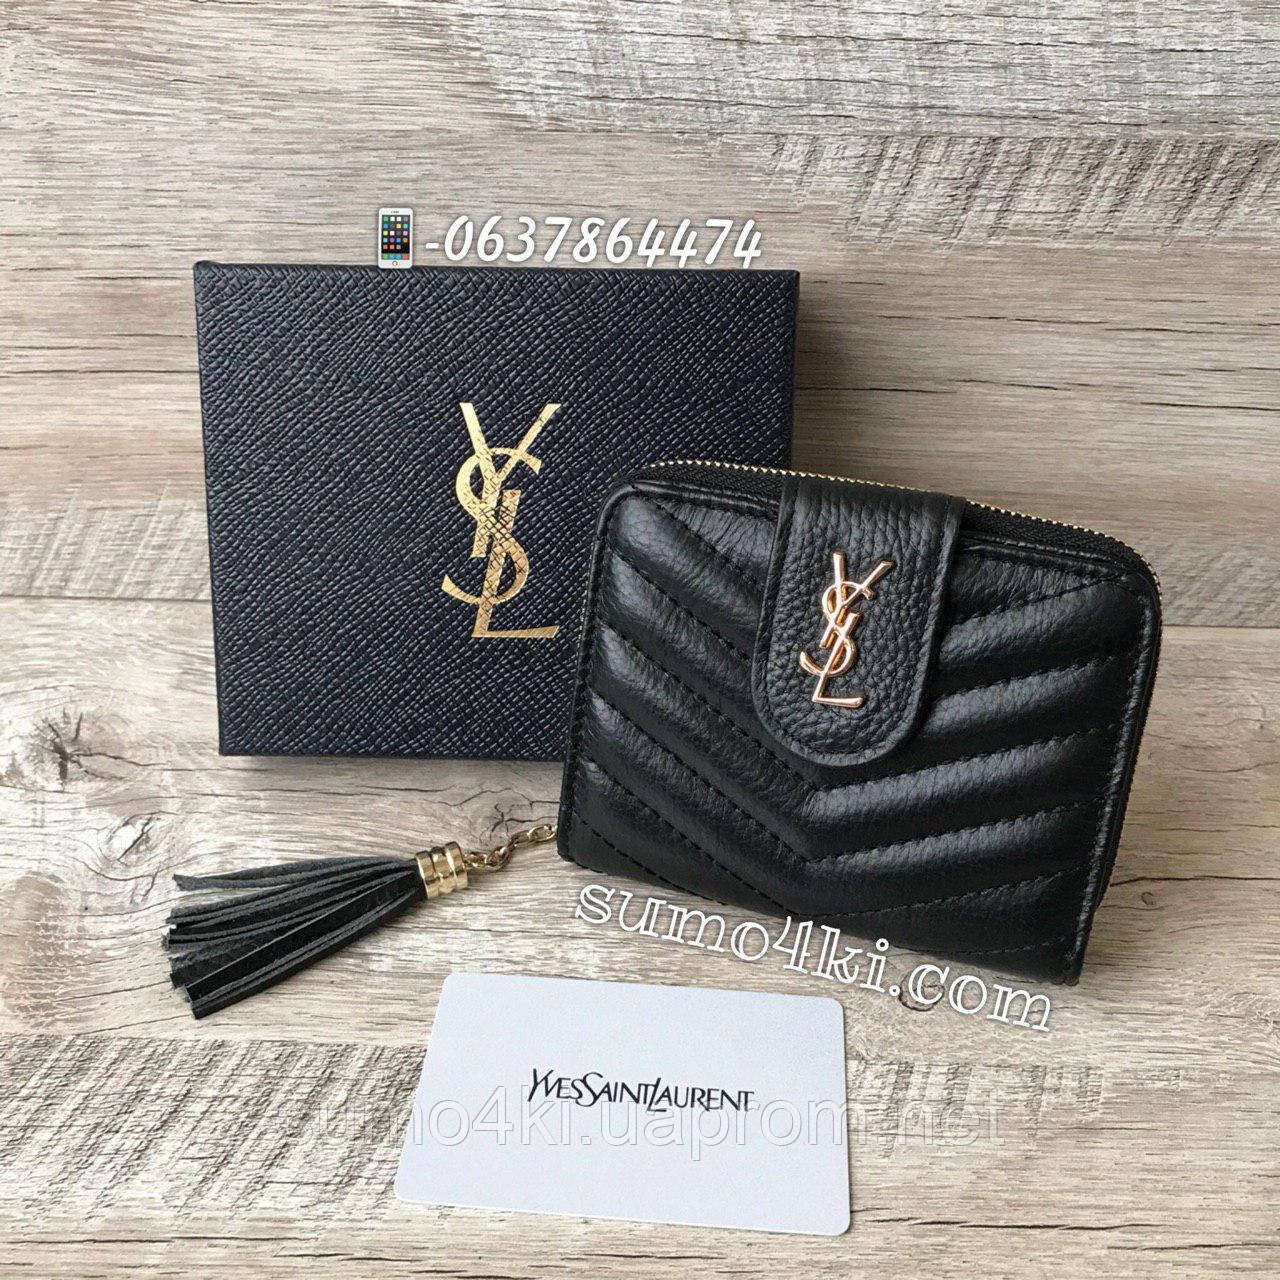 defb71d490d5 Складной кожаный кошелёк Yves Saint Laurent - Интернет-магазин «Галерея  Сумок» в Одессе